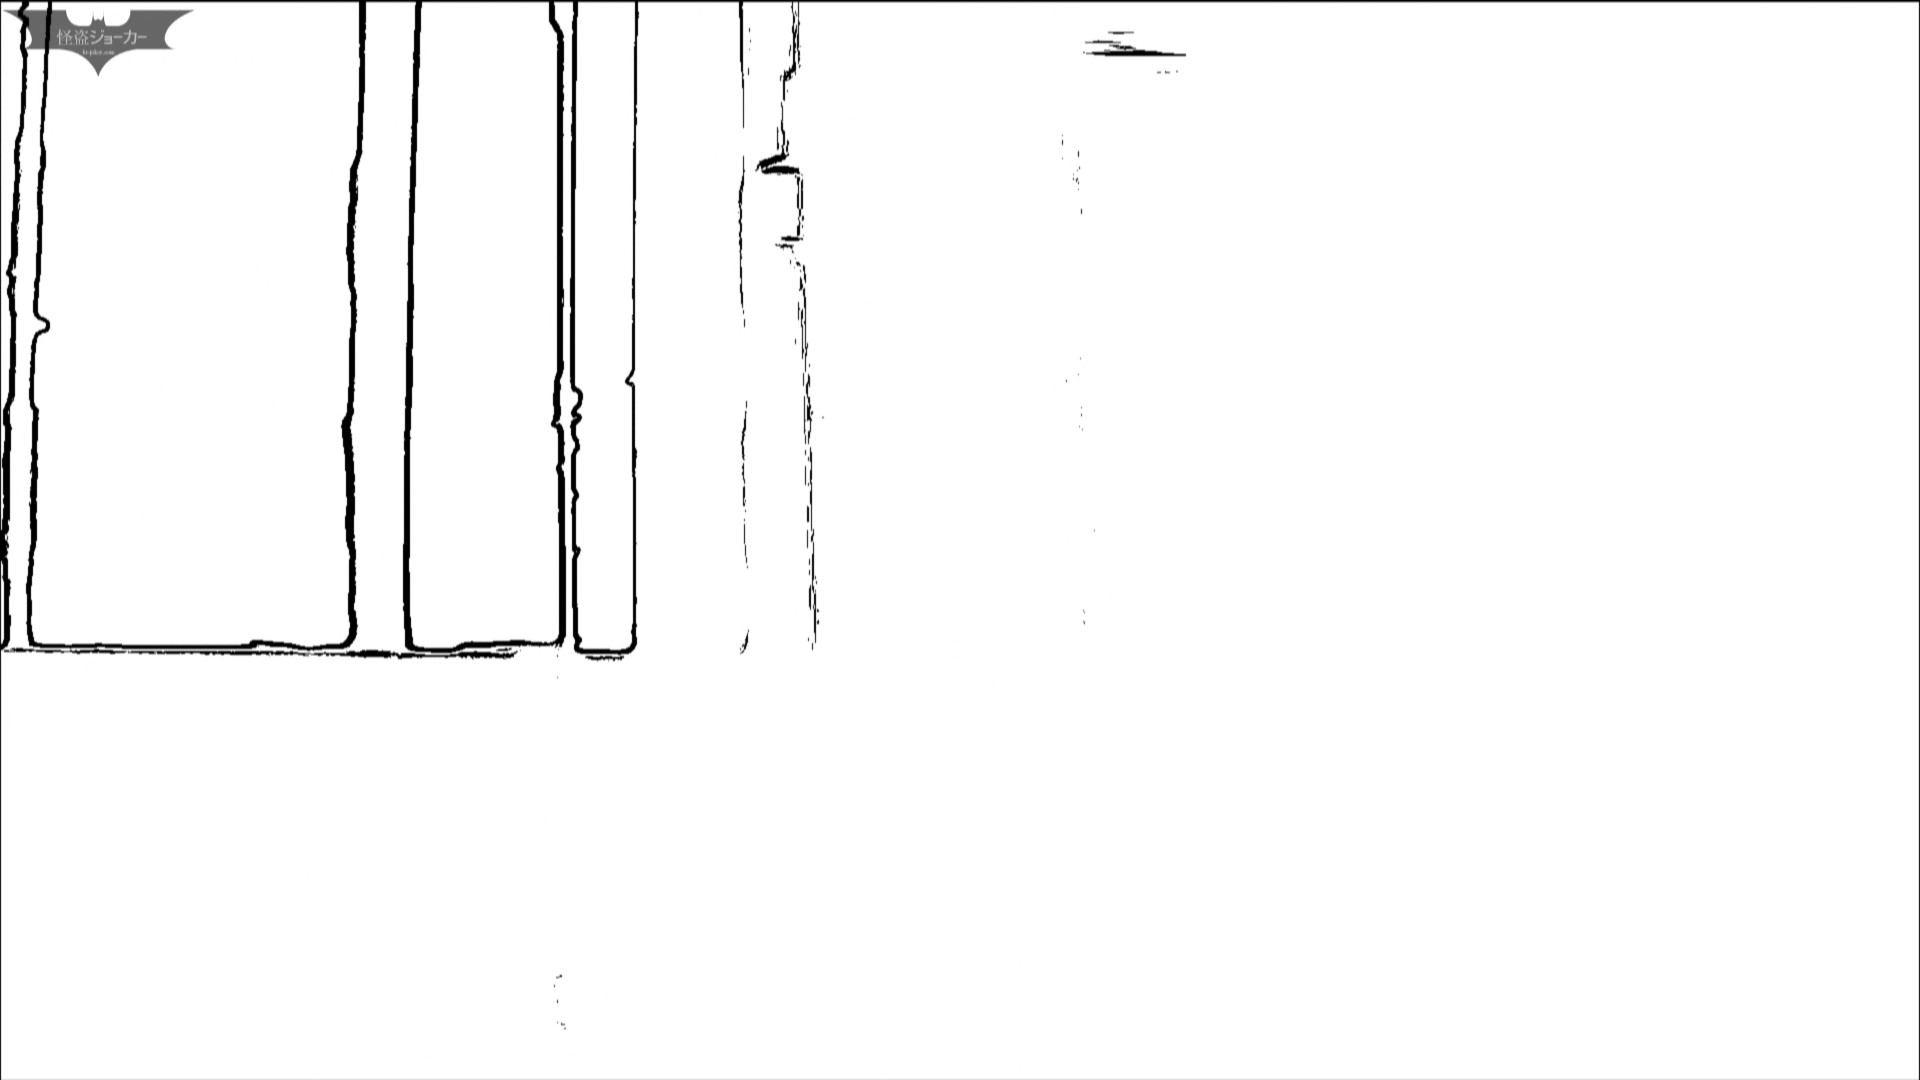 下からノゾム vol.019 美JとBスはあそこも違う!! OLの実態 | 0  100pic 33